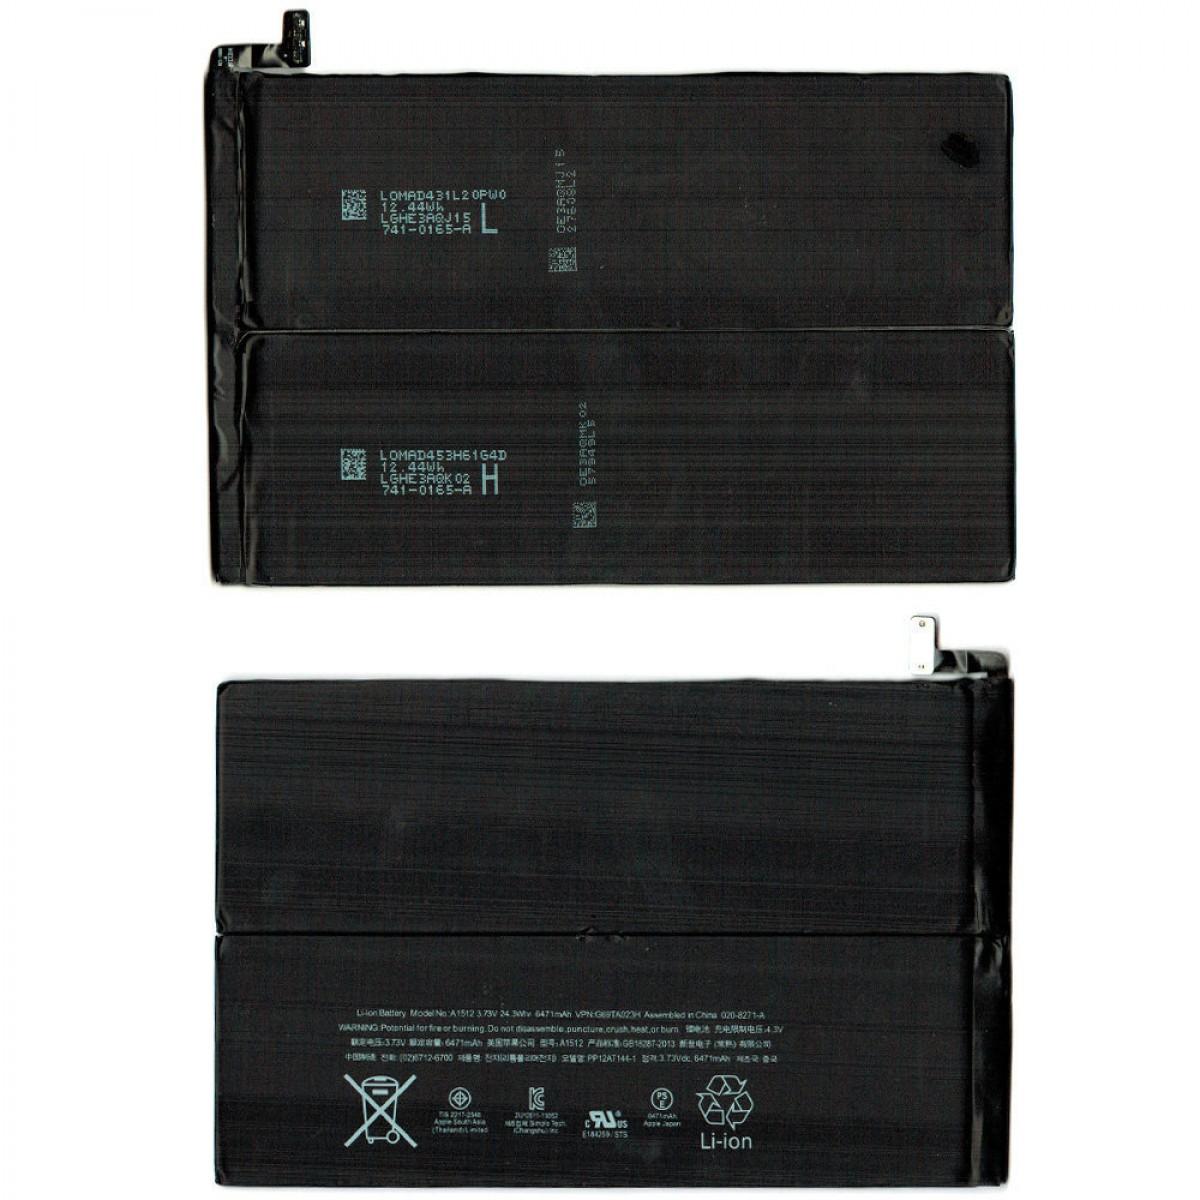 batterie a1512 ipad mini 2 origine achat en ligne sur. Black Bedroom Furniture Sets. Home Design Ideas